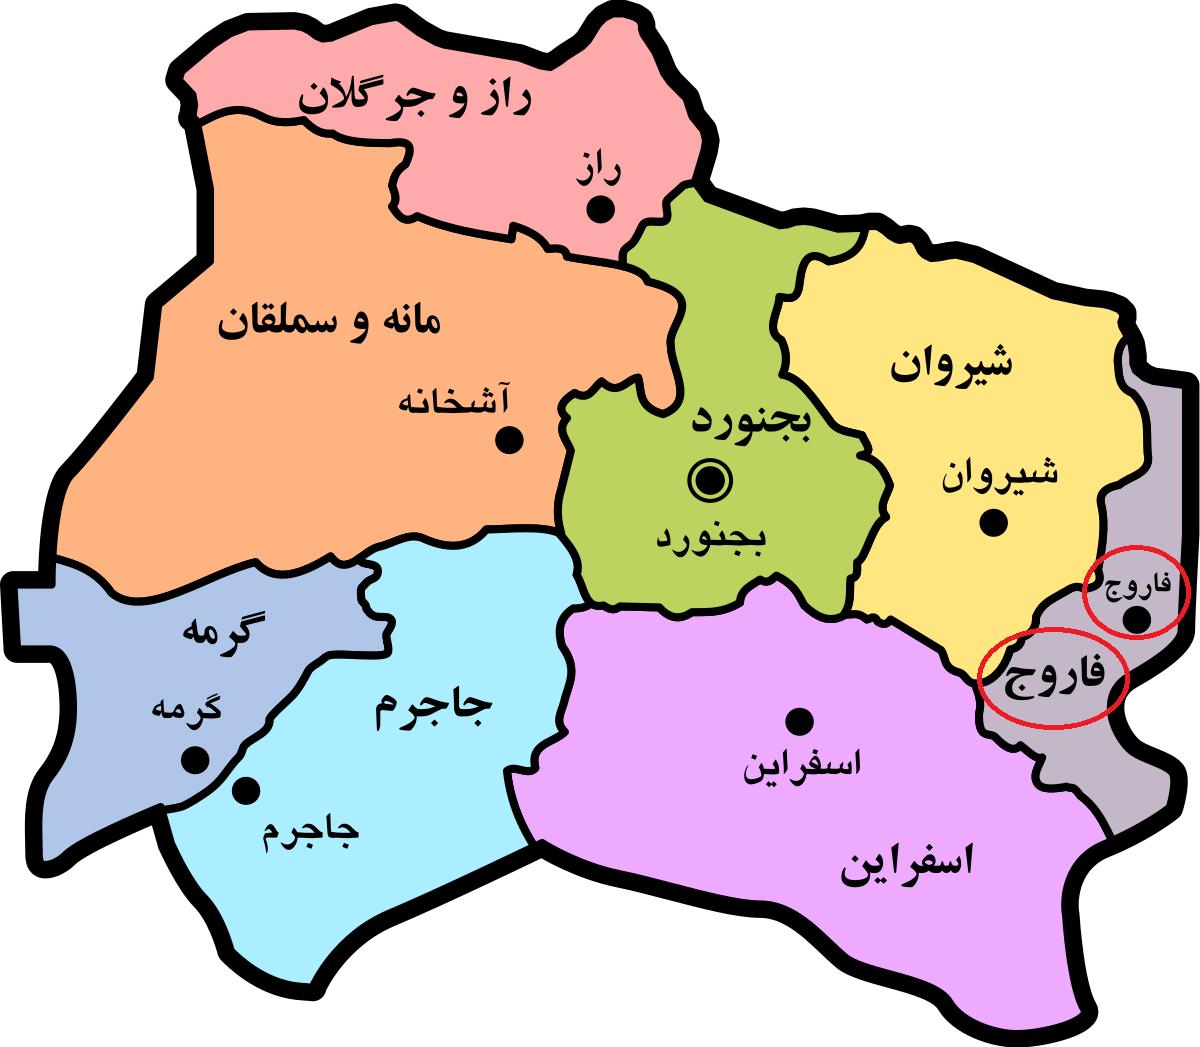 شهر آجیلی نوروز هر سال چشم به راه مسافران